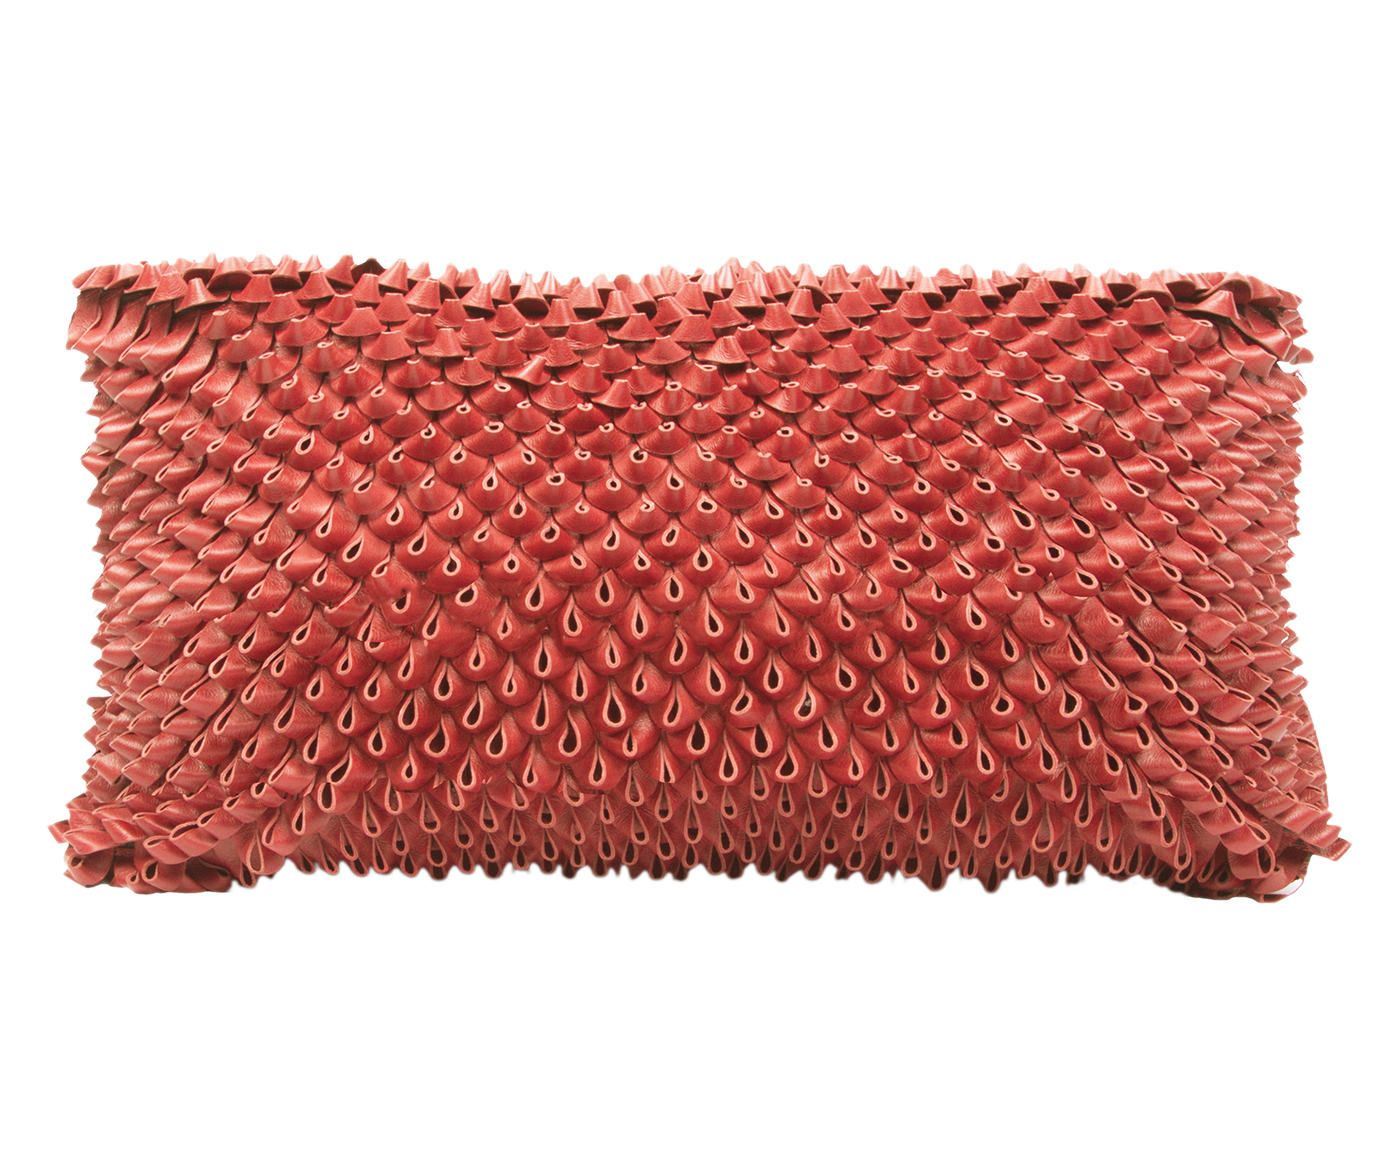 Capa de Almofada Tressê Ouriço Cereja - 25X50cm | Westwing.com.br